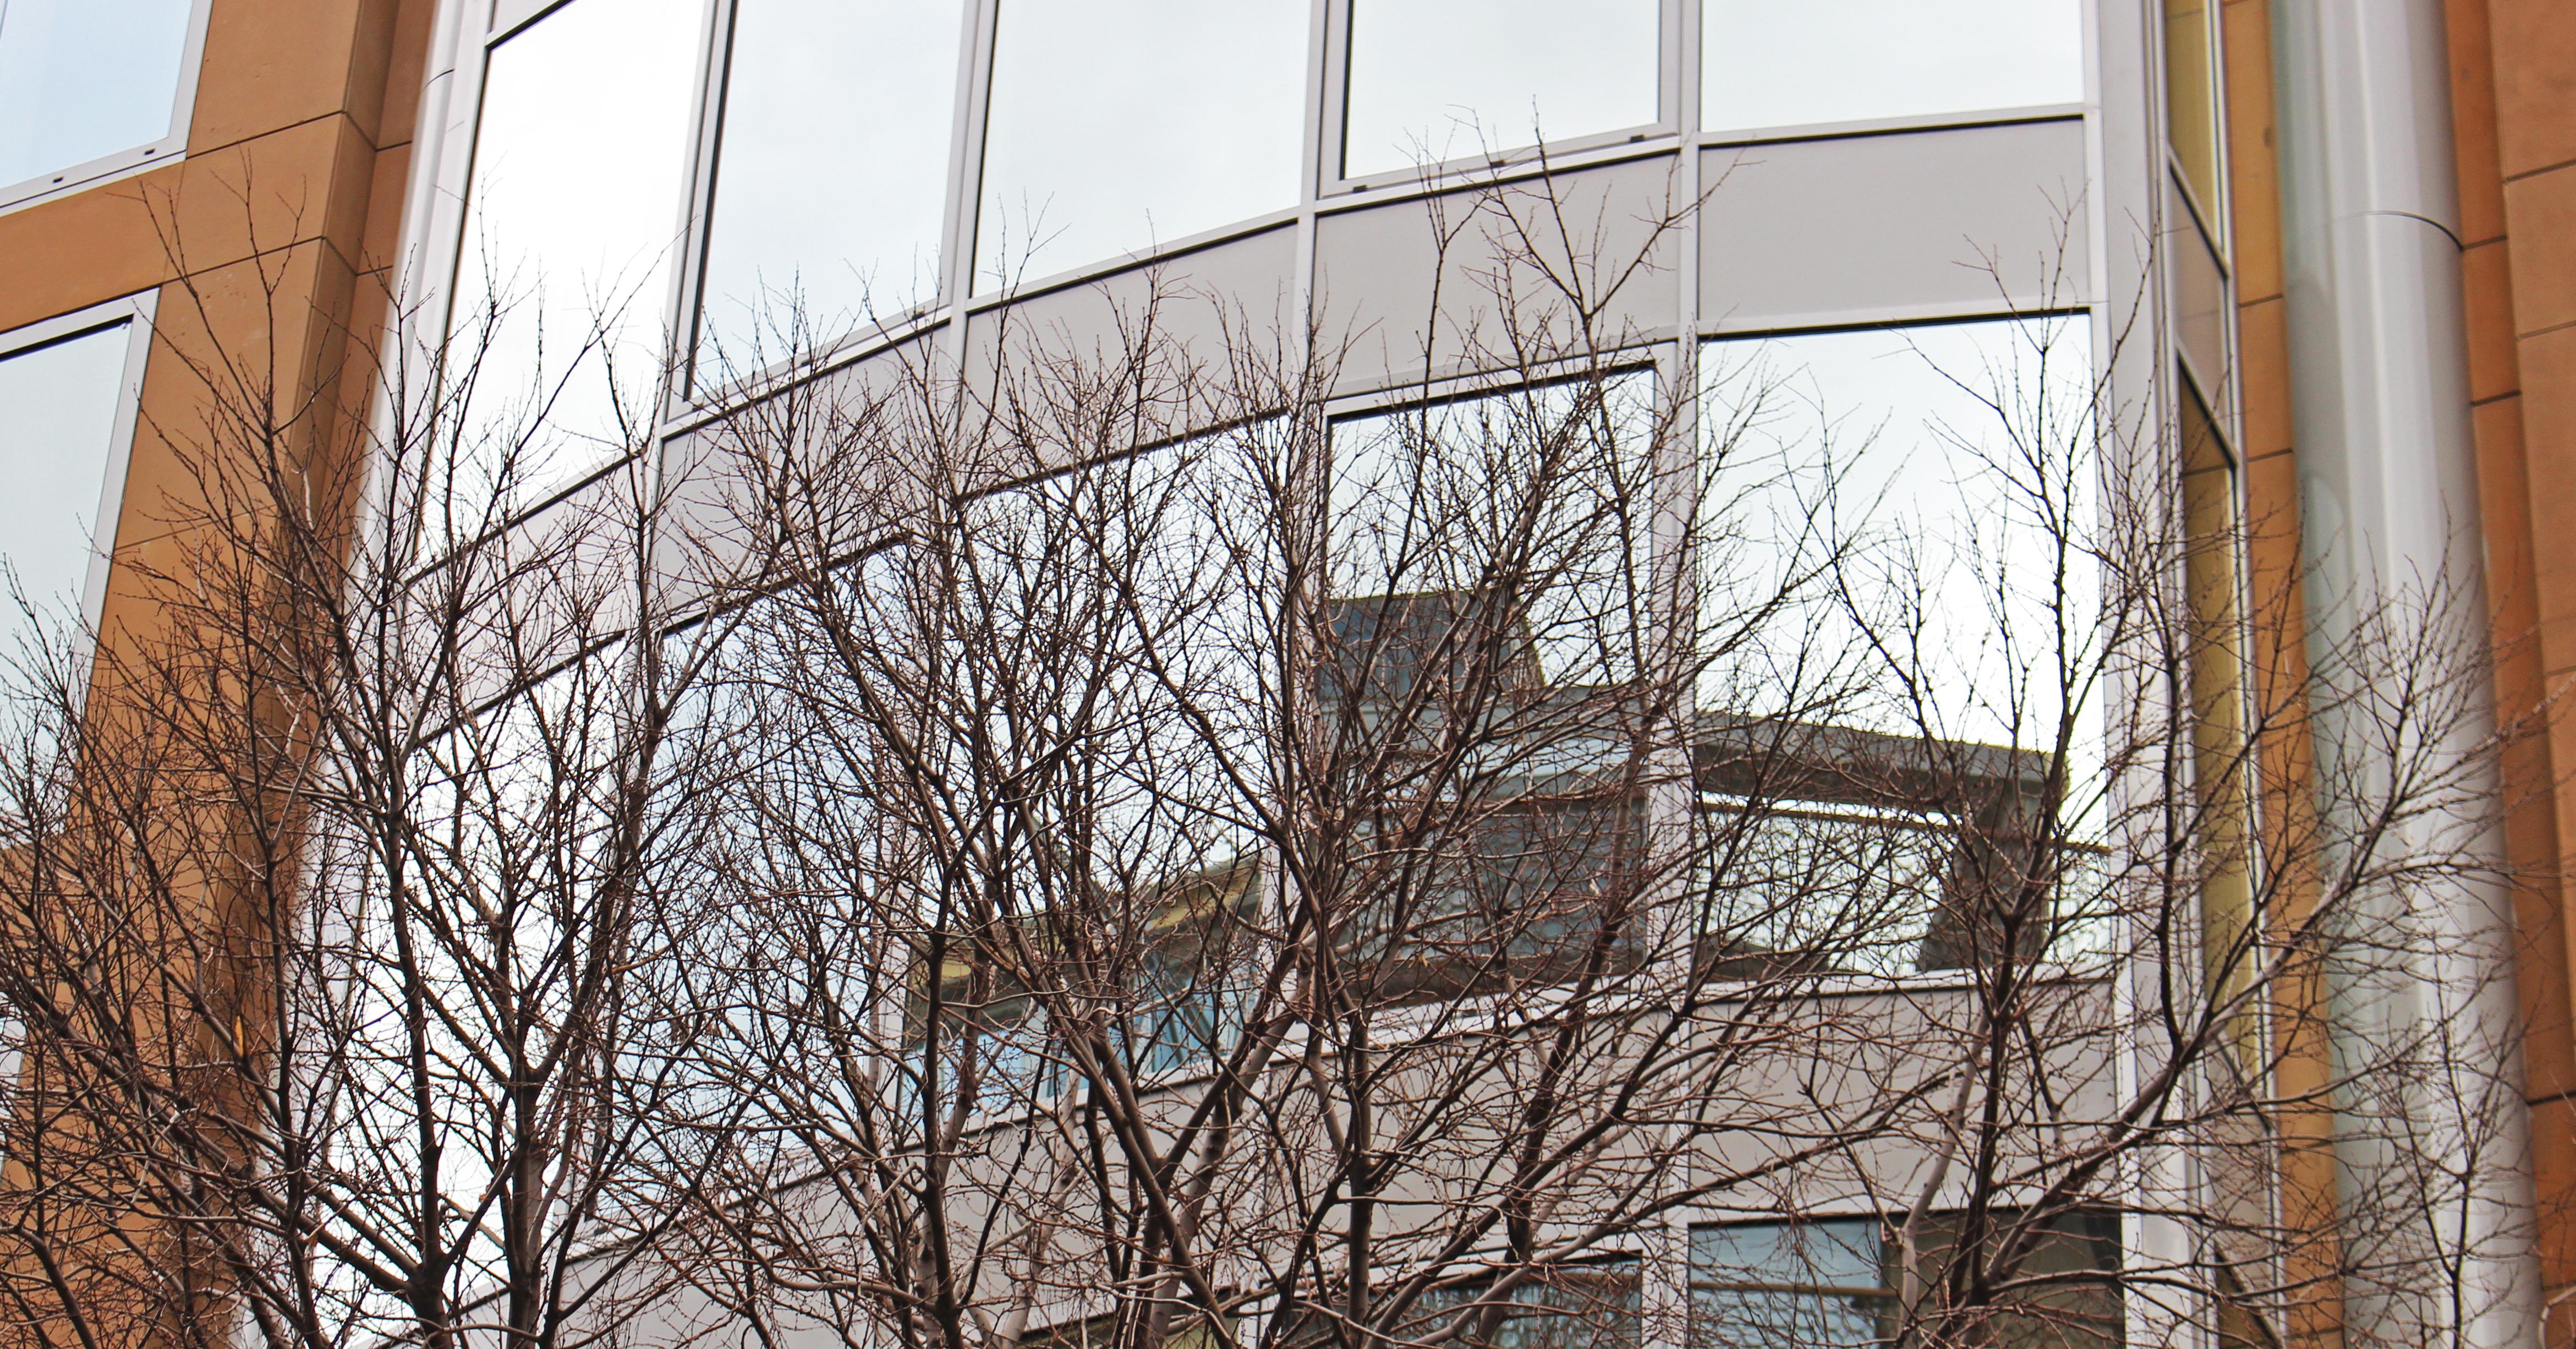 Tancaments I Façana Per A Aquest Edifici D'oficines De La Immobiliària Alting.